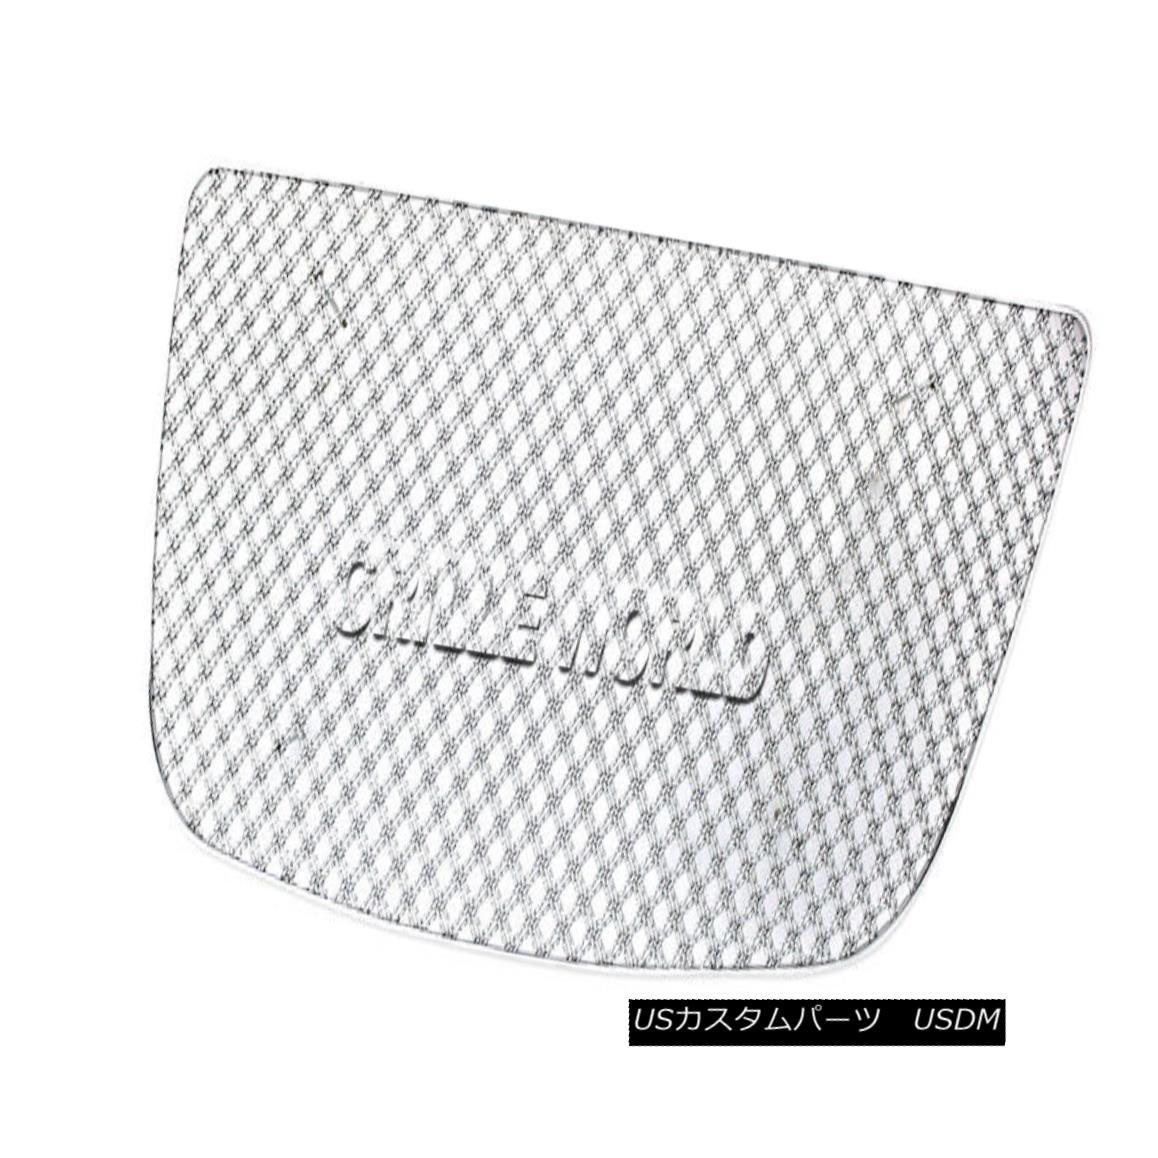 グリル For 2011-2014 Chrysler 300/300C Stainless Steel Double Wire X Mesh Grille Grill 2011-2014クライスラー300 / 300CステンレススチールダブルワイヤーXメッシュグリルグリル